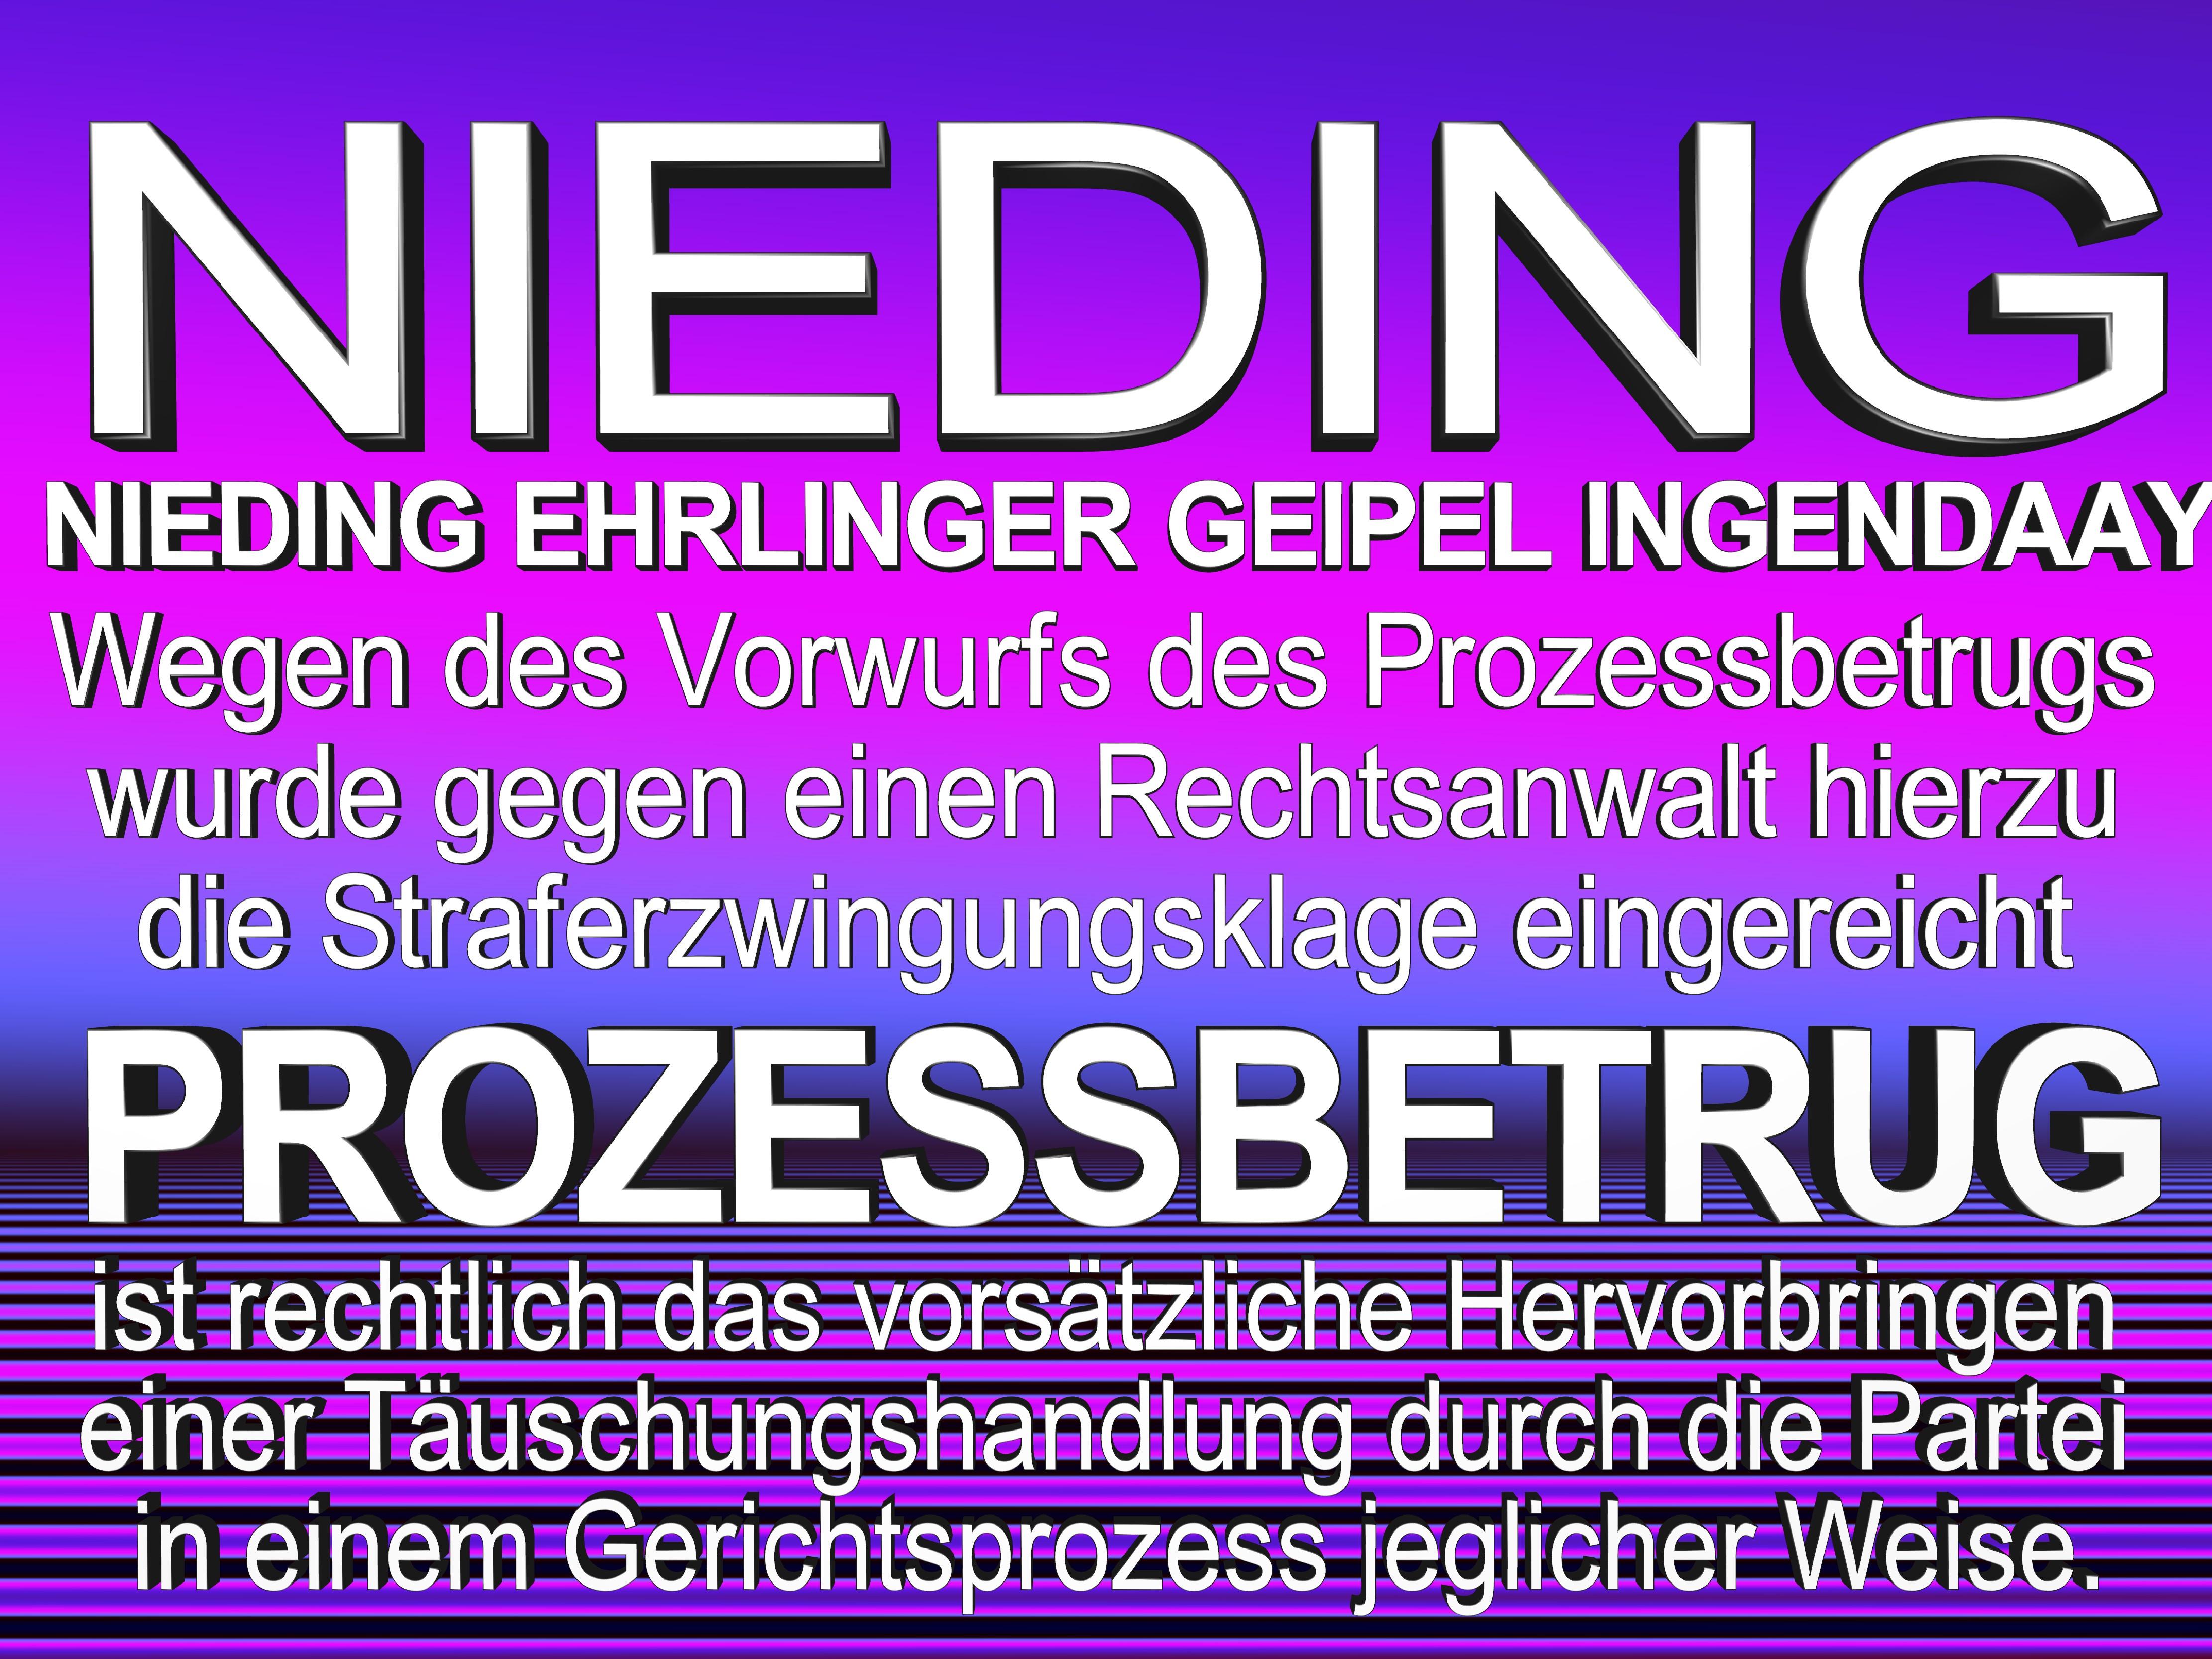 NIEDING EHRLINGER GEIPEL INGENDAAY LELKE Kurfürstendamm 66 Berlin (156)